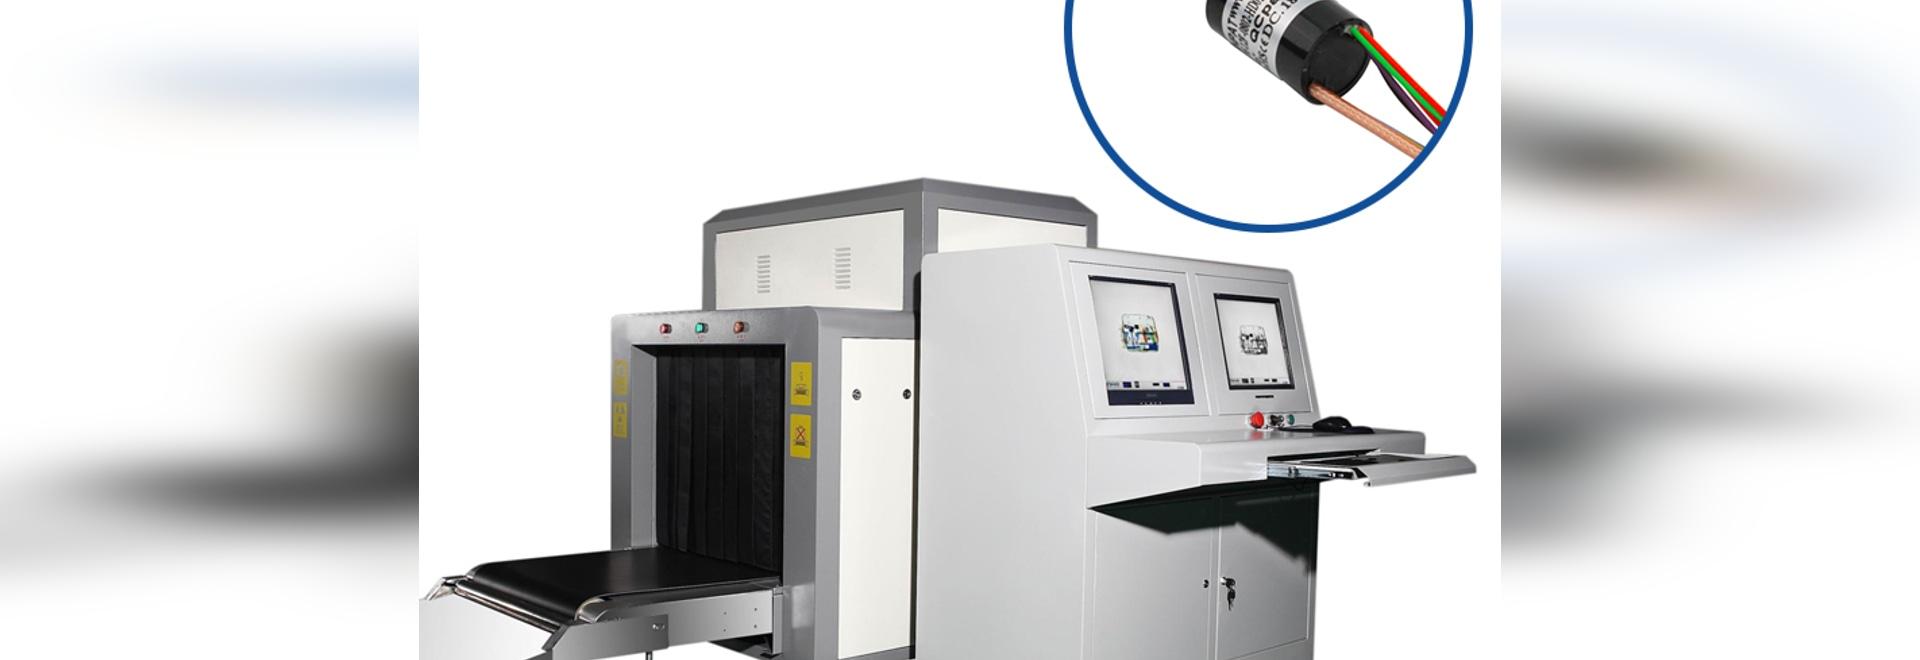 Anillo colector del escáner de rayos X